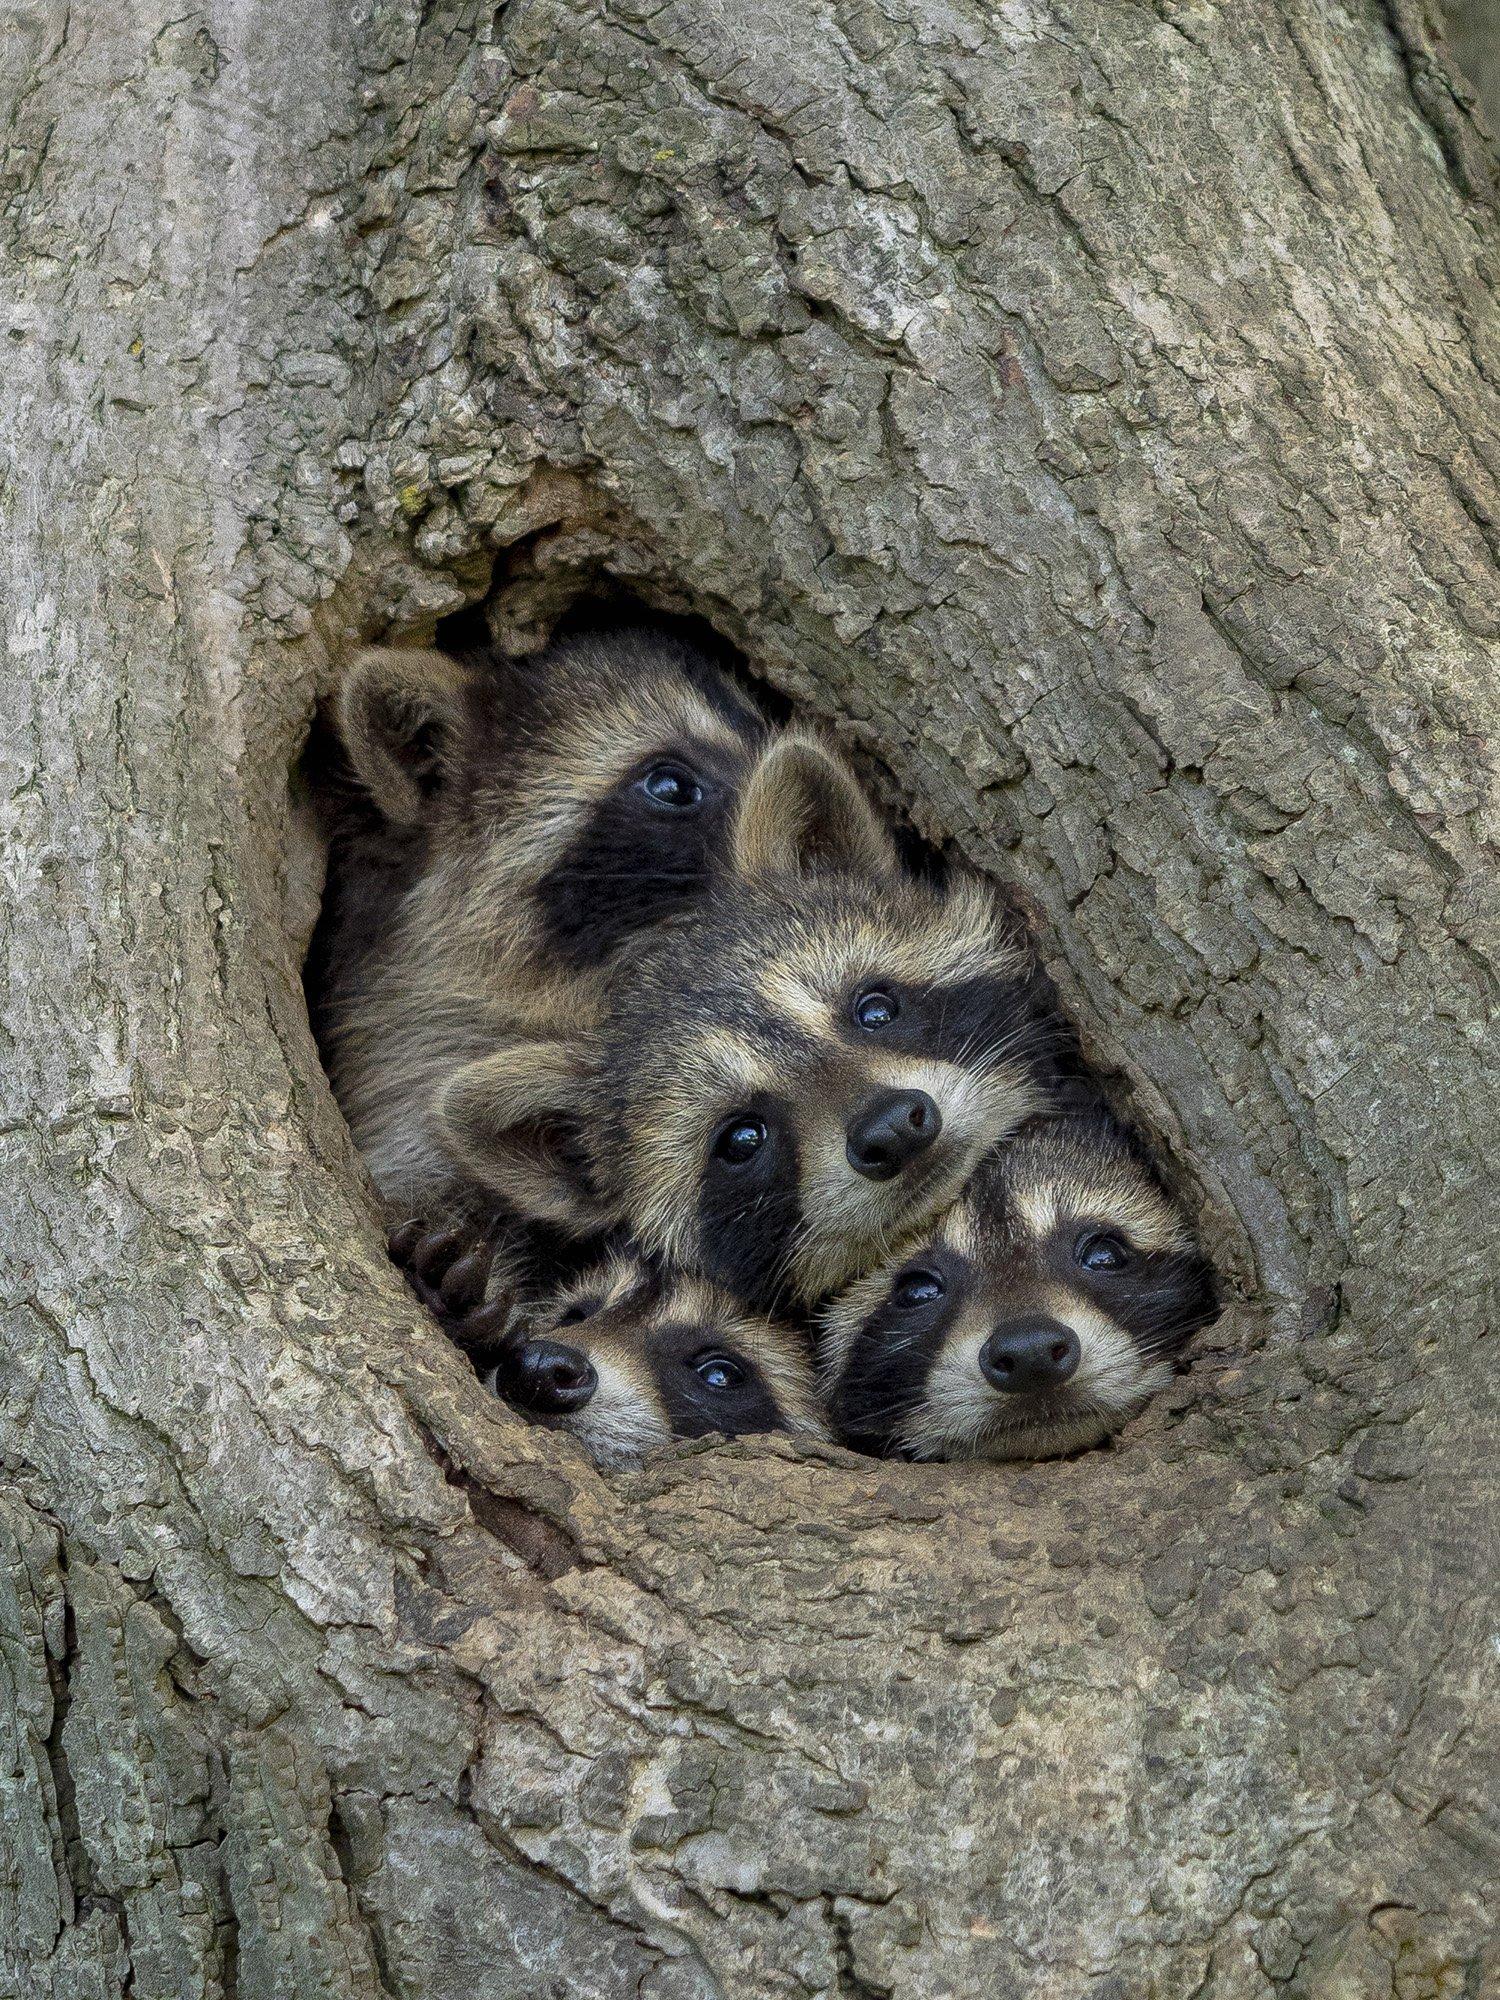 캐나다 온타리오의 산에서 한 너구리가족이 비좁은 나무 구멍에 옹기종기 모여있다. [©Kevin Biskaborn/Comedywildlifephoto.com]